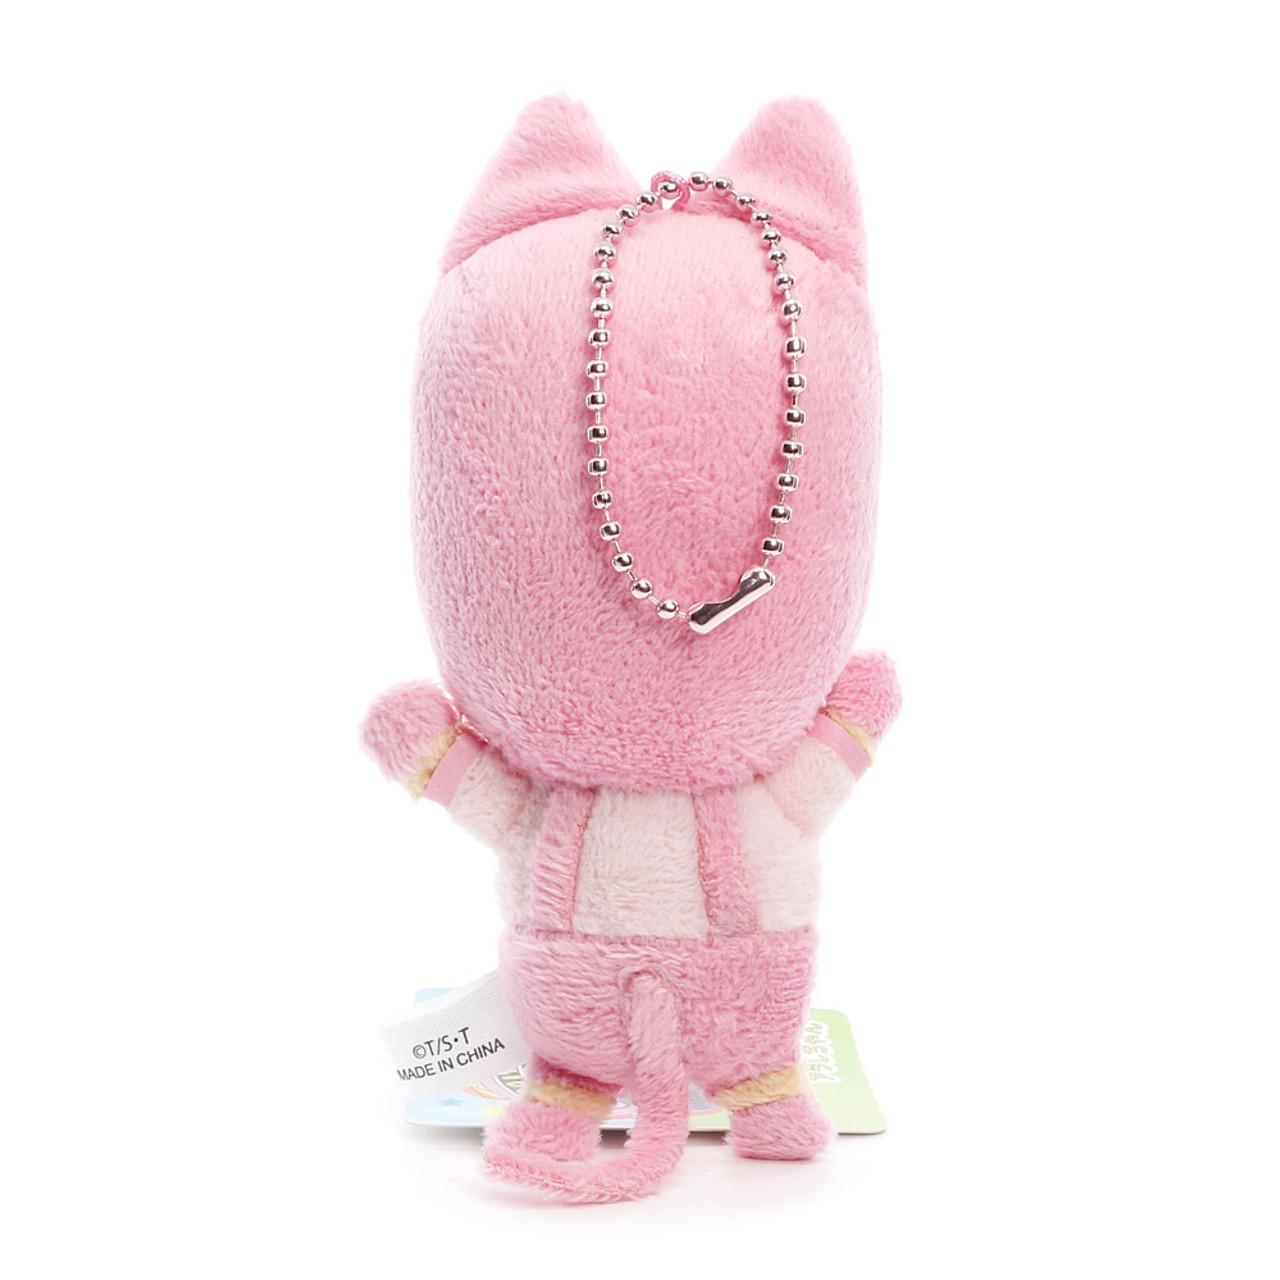 Dr. Slump Arale Norimaki Mascot Plush KeyChain ( Back View )